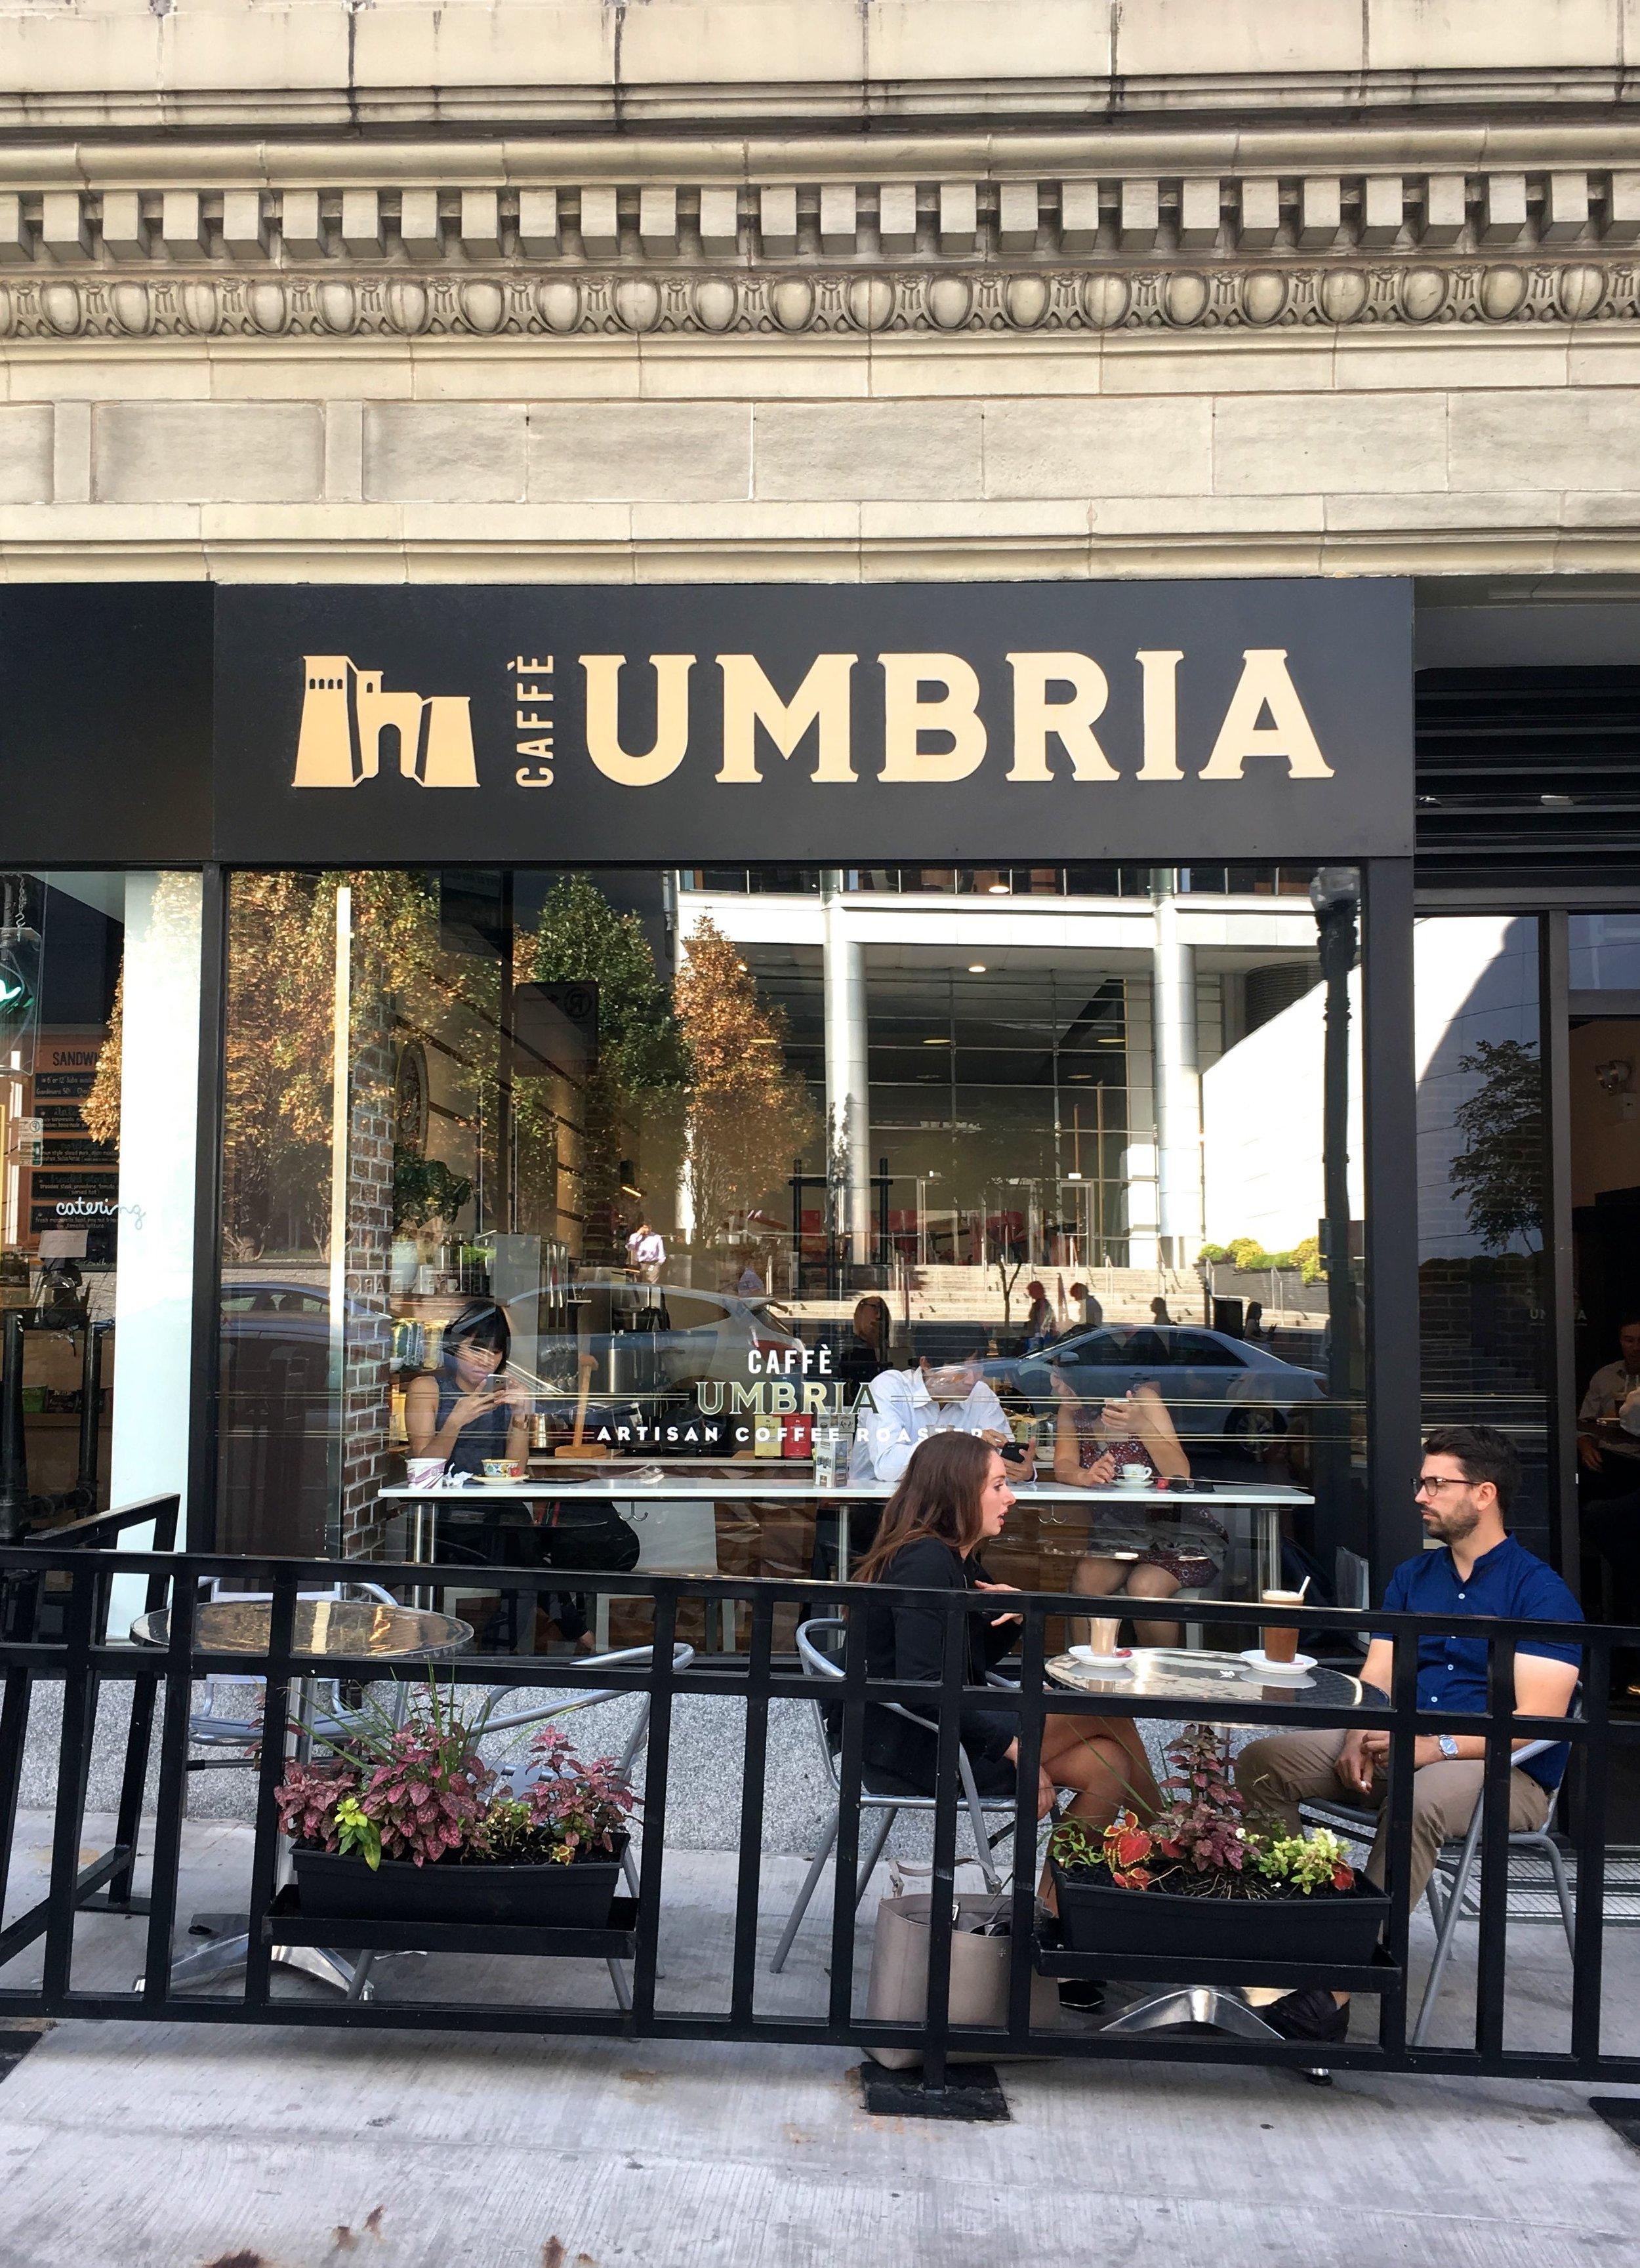 Umbria Outside.jpg